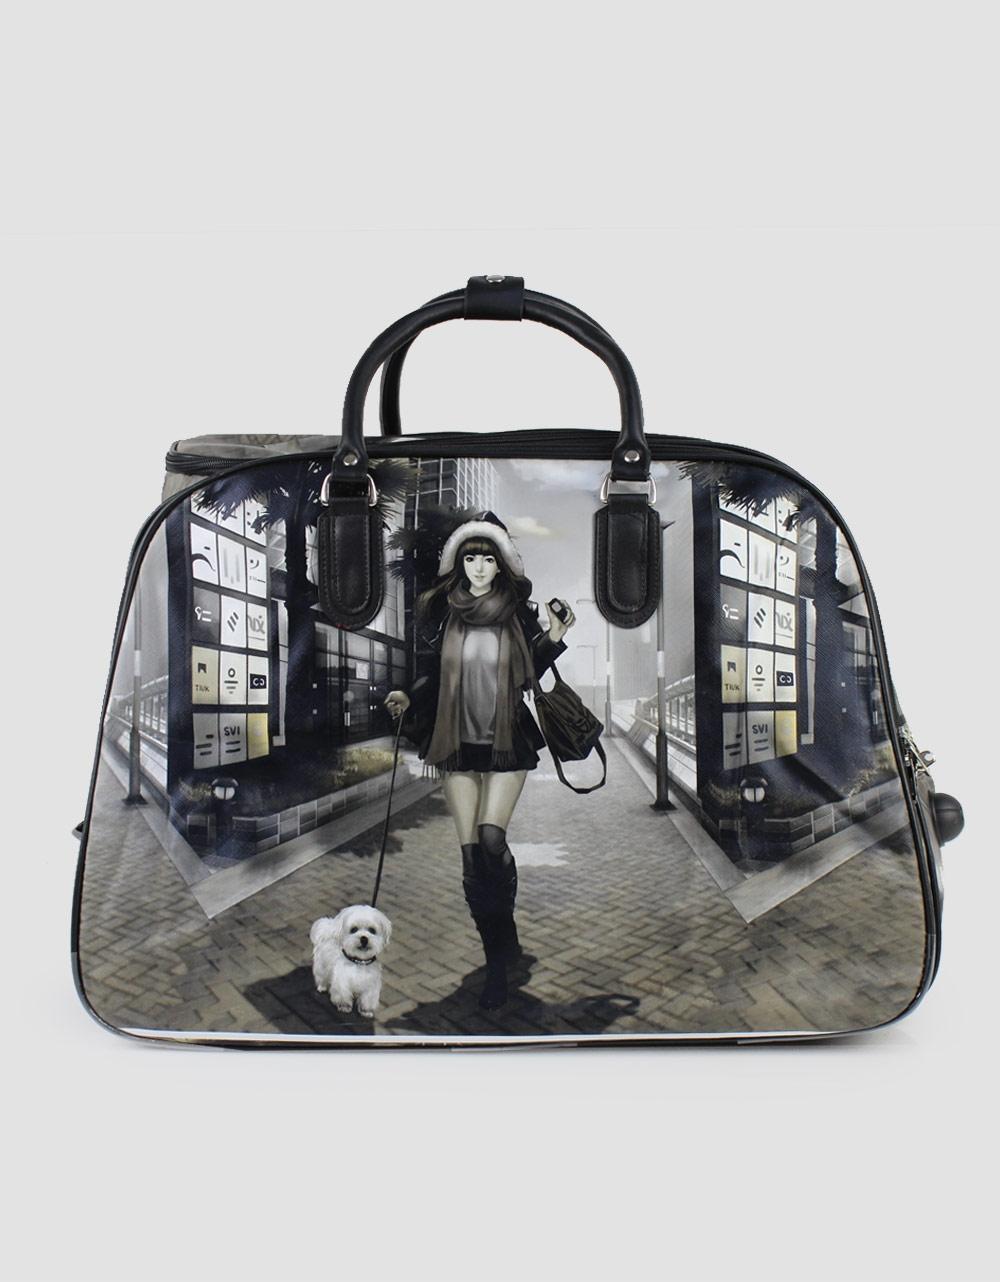 Εικόνα από Τσάντες ταξιδίου με print κοπέλα με σκυλάκι Μαύρο